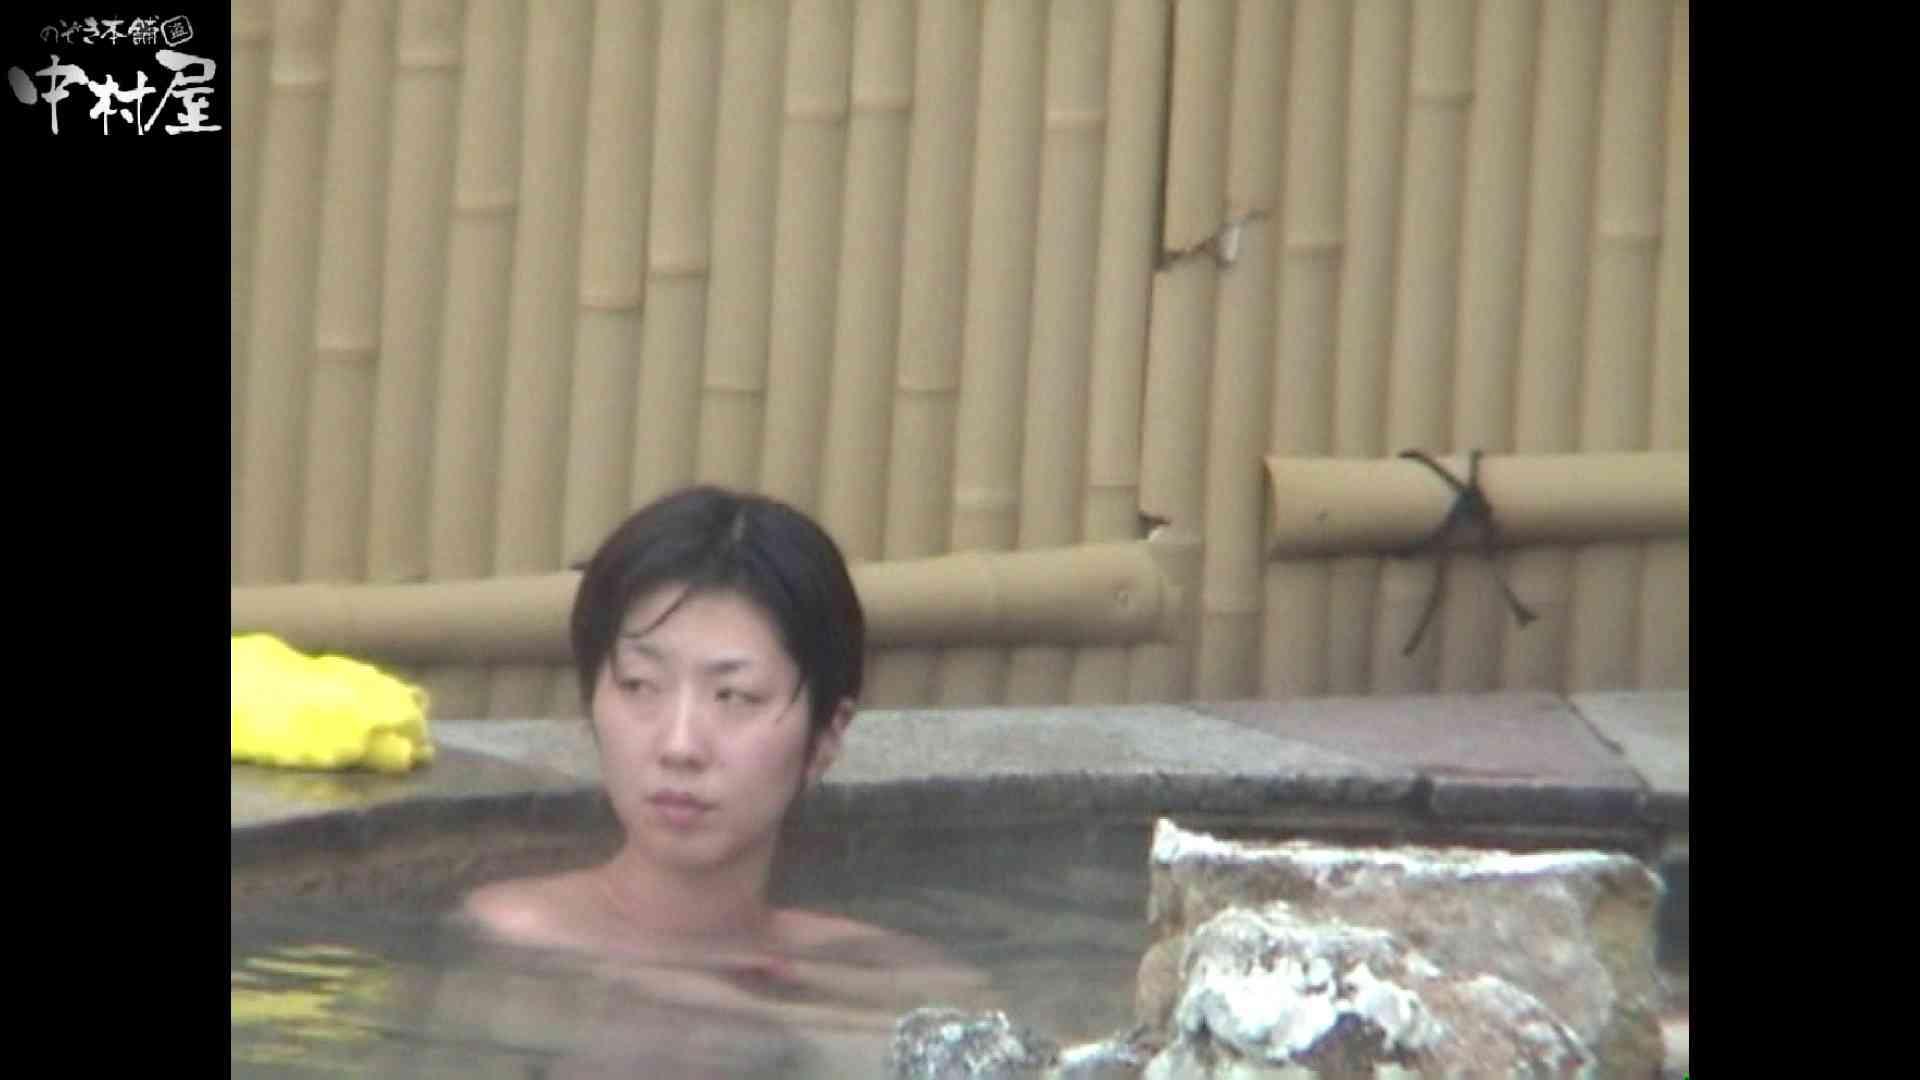 Aquaな露天風呂Vol.921 盗撮特集 | 露天  93画像 40